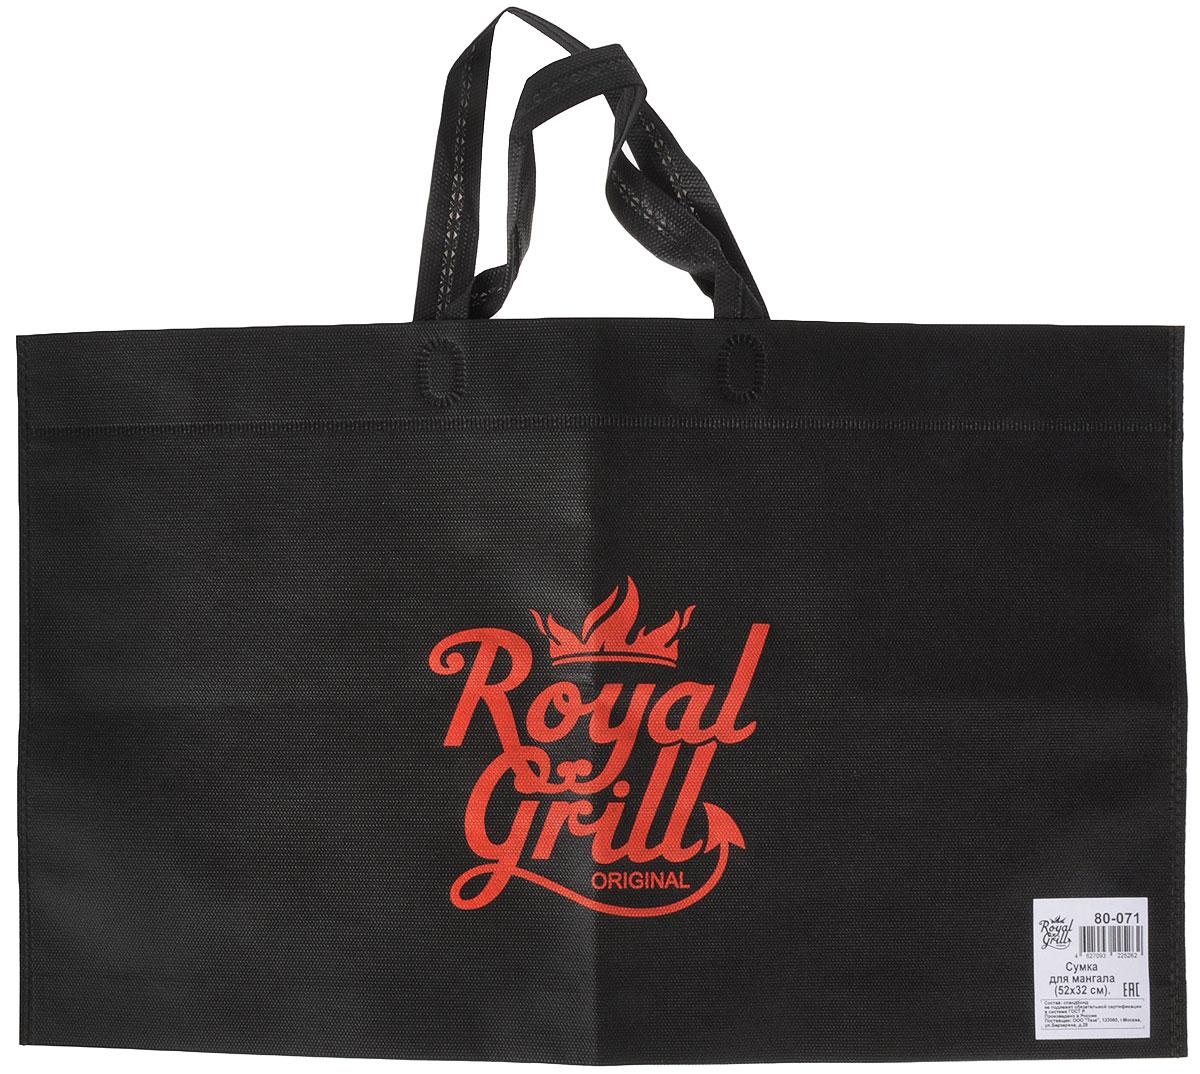 Сумка для мангала RoyalGrill, 52 х 32 см. 80-071Хот ШейперсСумка изготовлена из спандбонда и предназначена для переноски мангала на пикнике и в туристических походах. Изделие оснащено двумя удобными ручками. Размер сумки: 52 х 32 см. Высота ручек: 14 см.